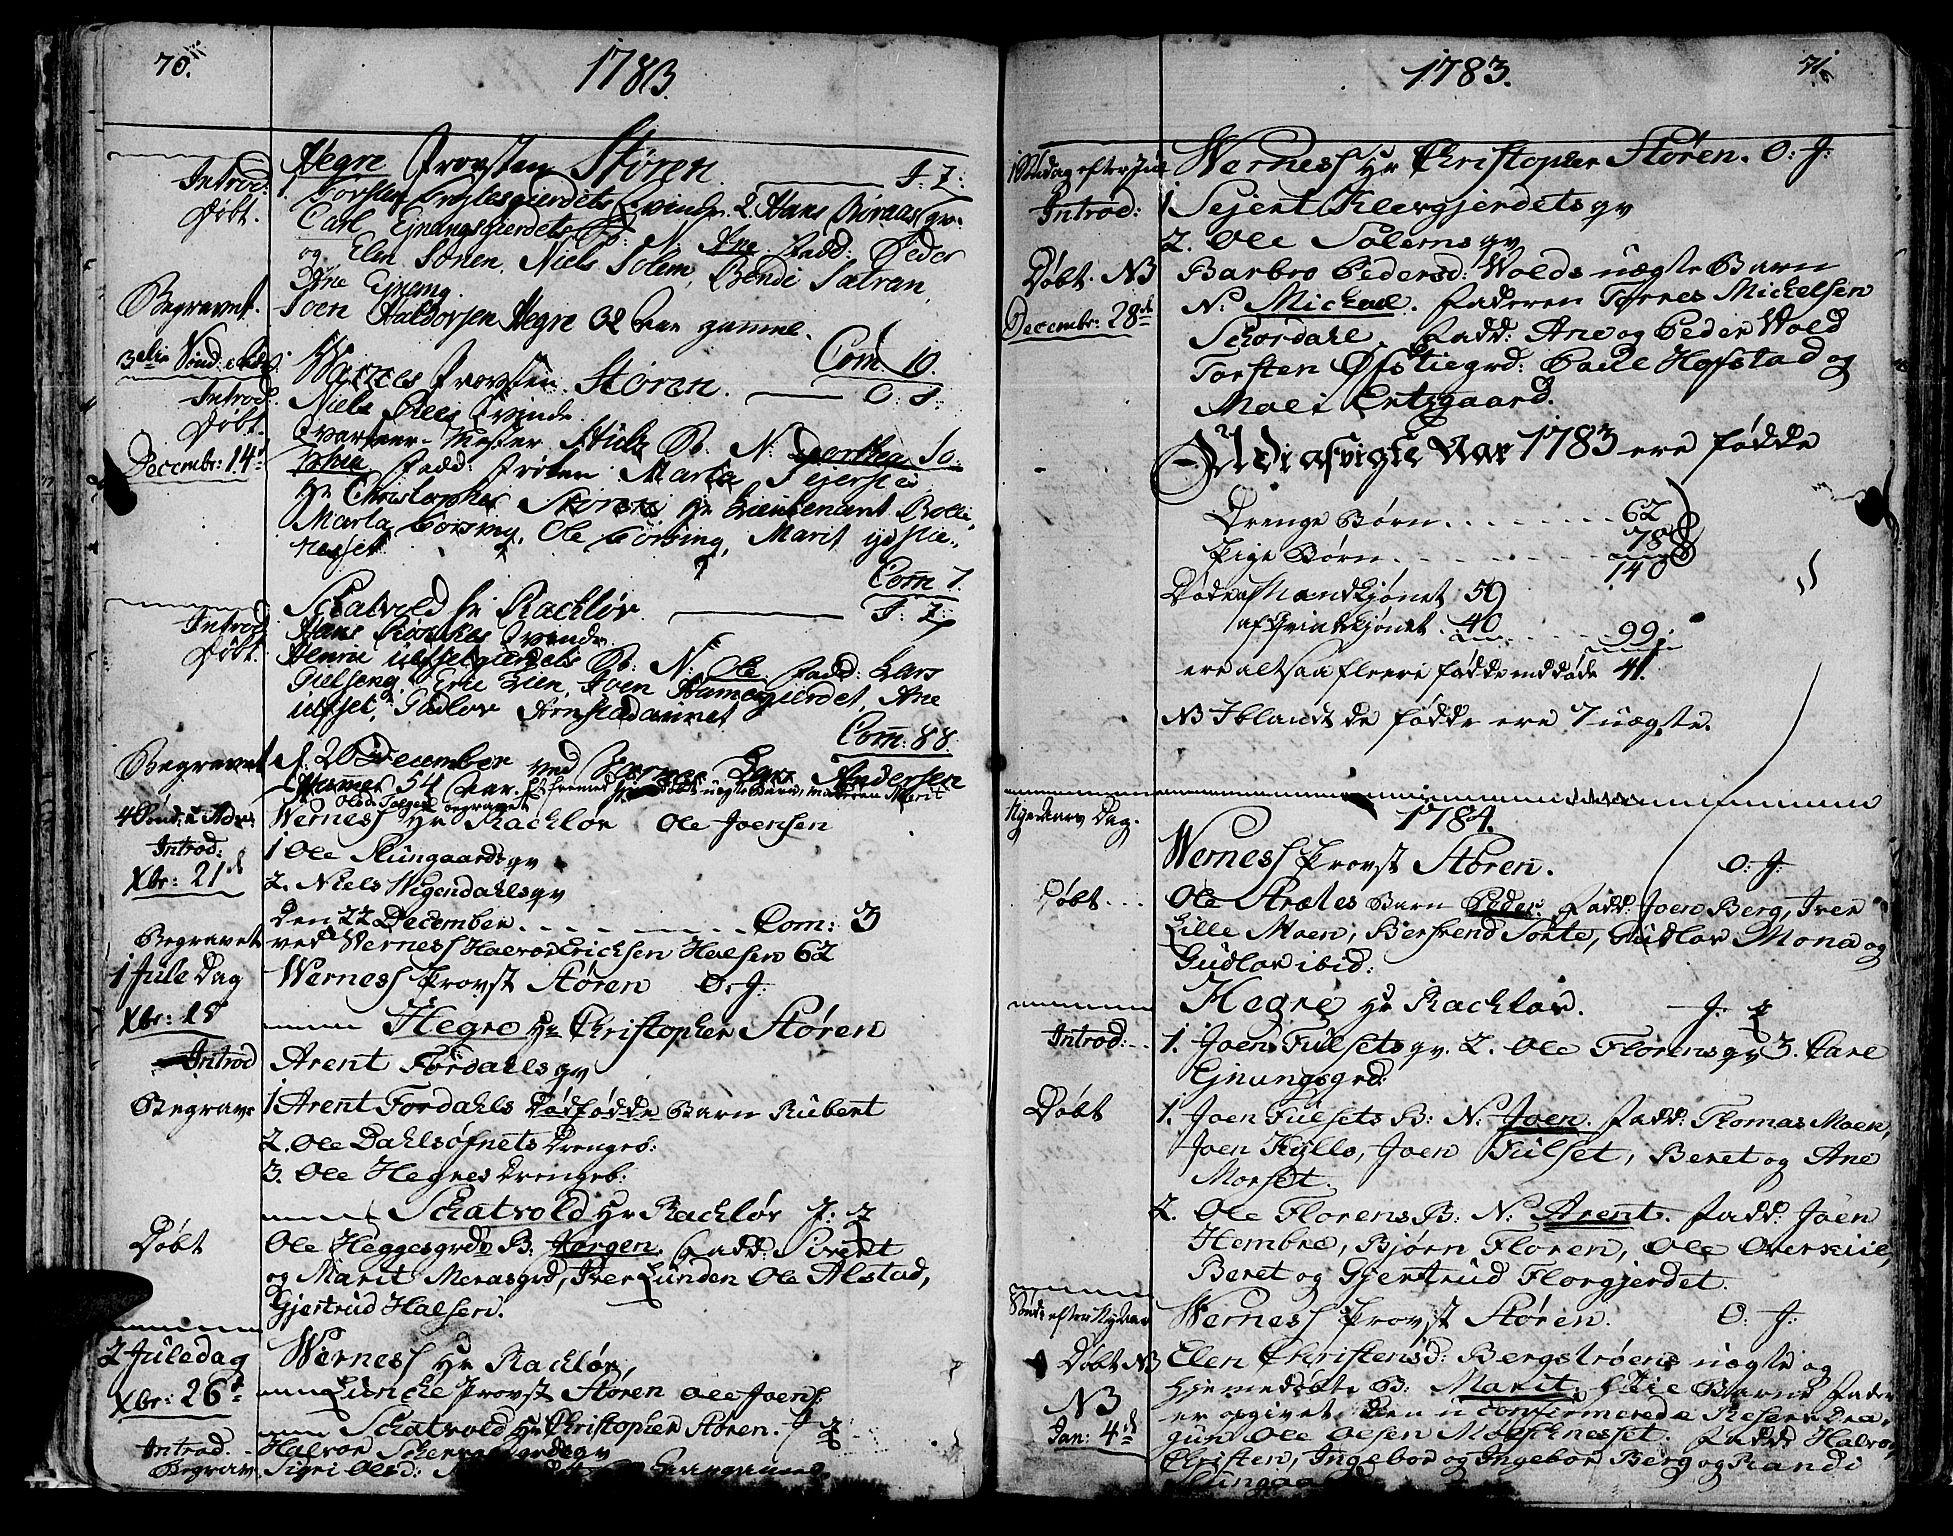 SAT, Ministerialprotokoller, klokkerbøker og fødselsregistre - Nord-Trøndelag, 709/L0059: Ministerialbok nr. 709A06, 1781-1797, s. 70-71